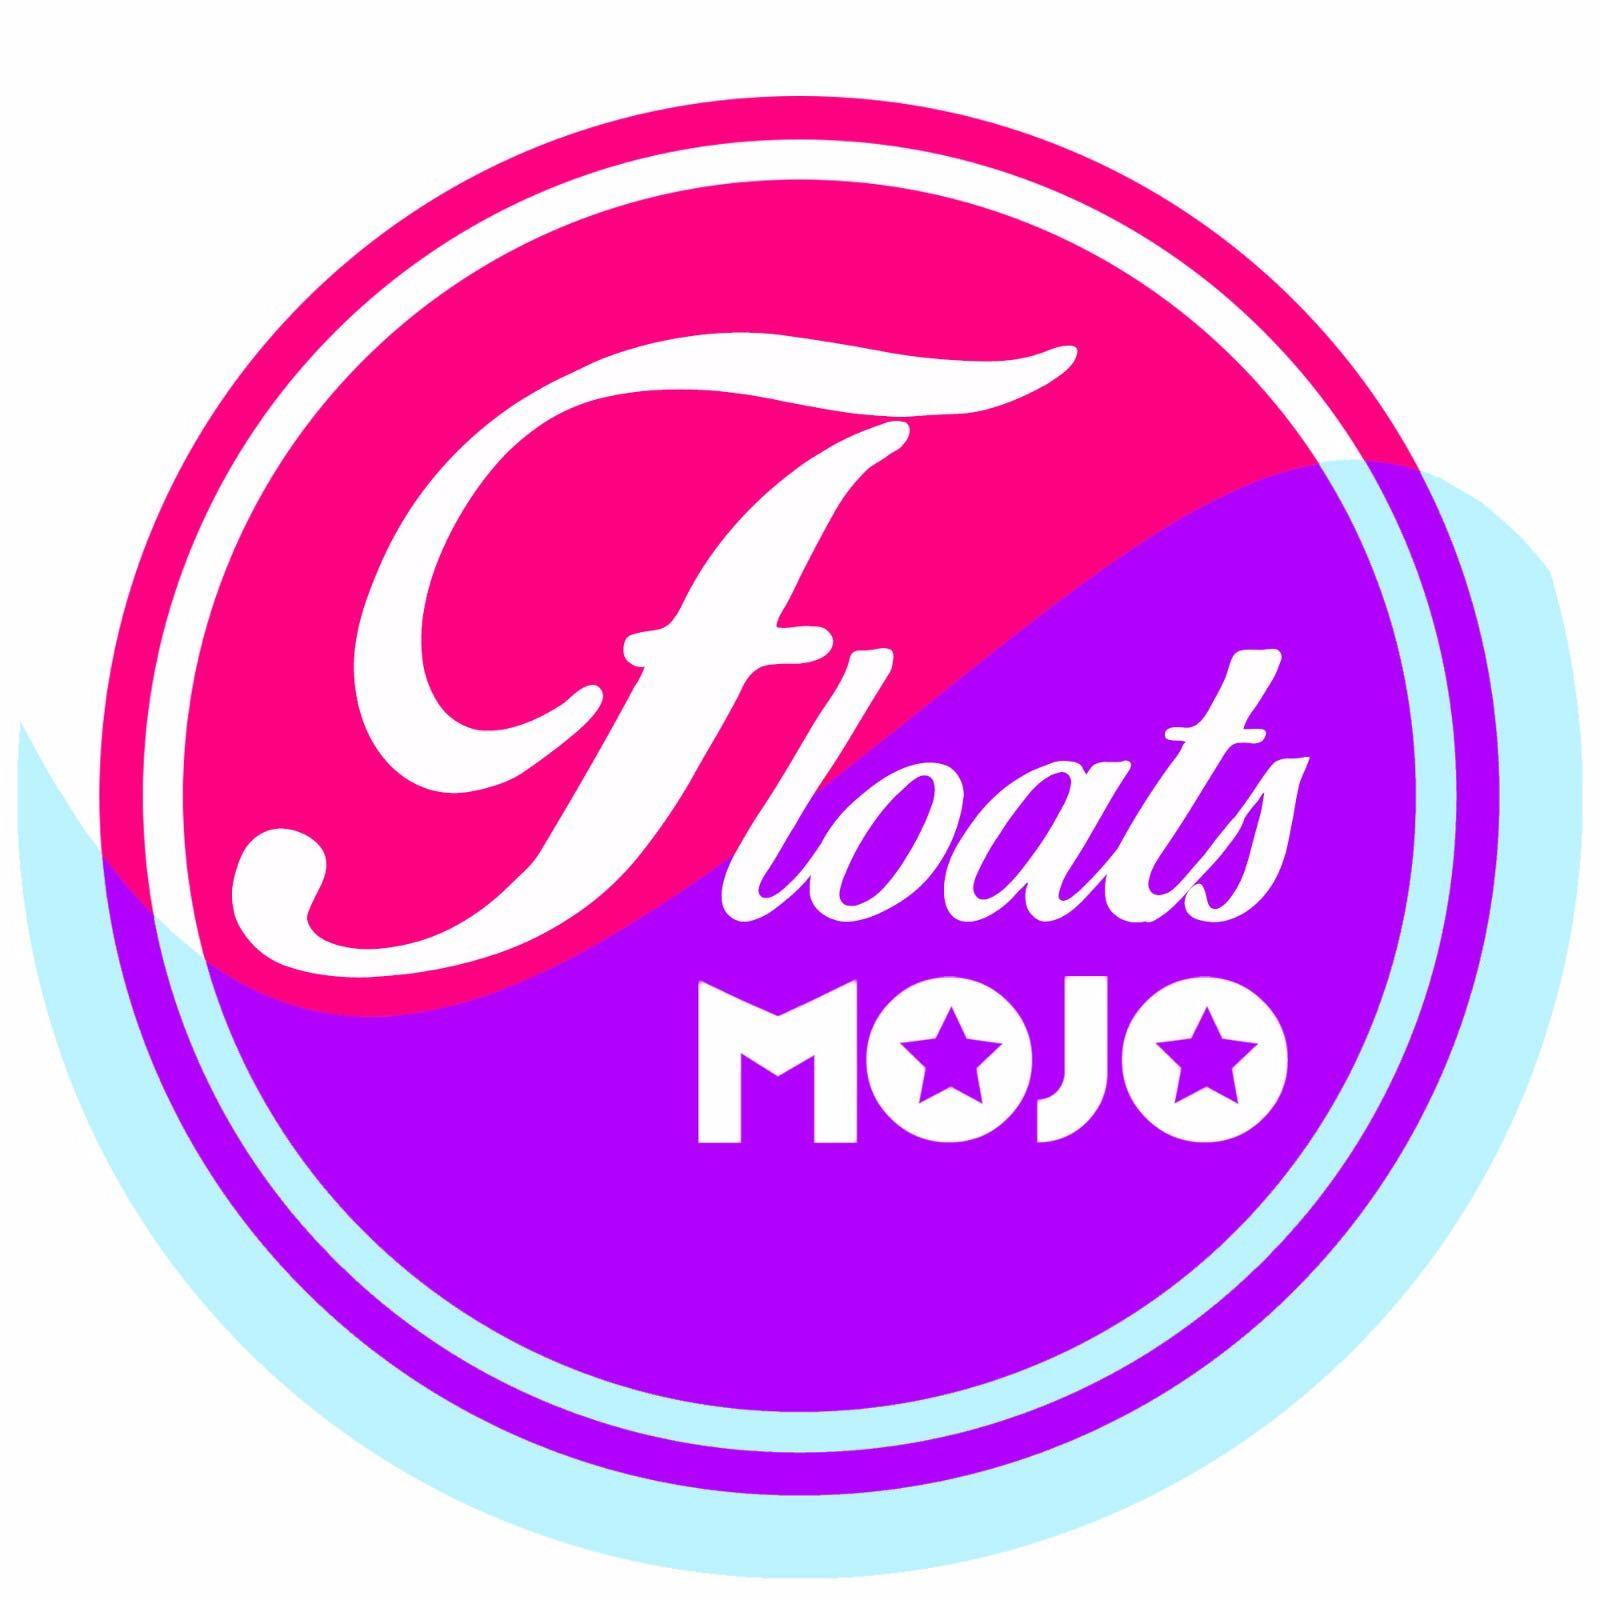 mojofloats